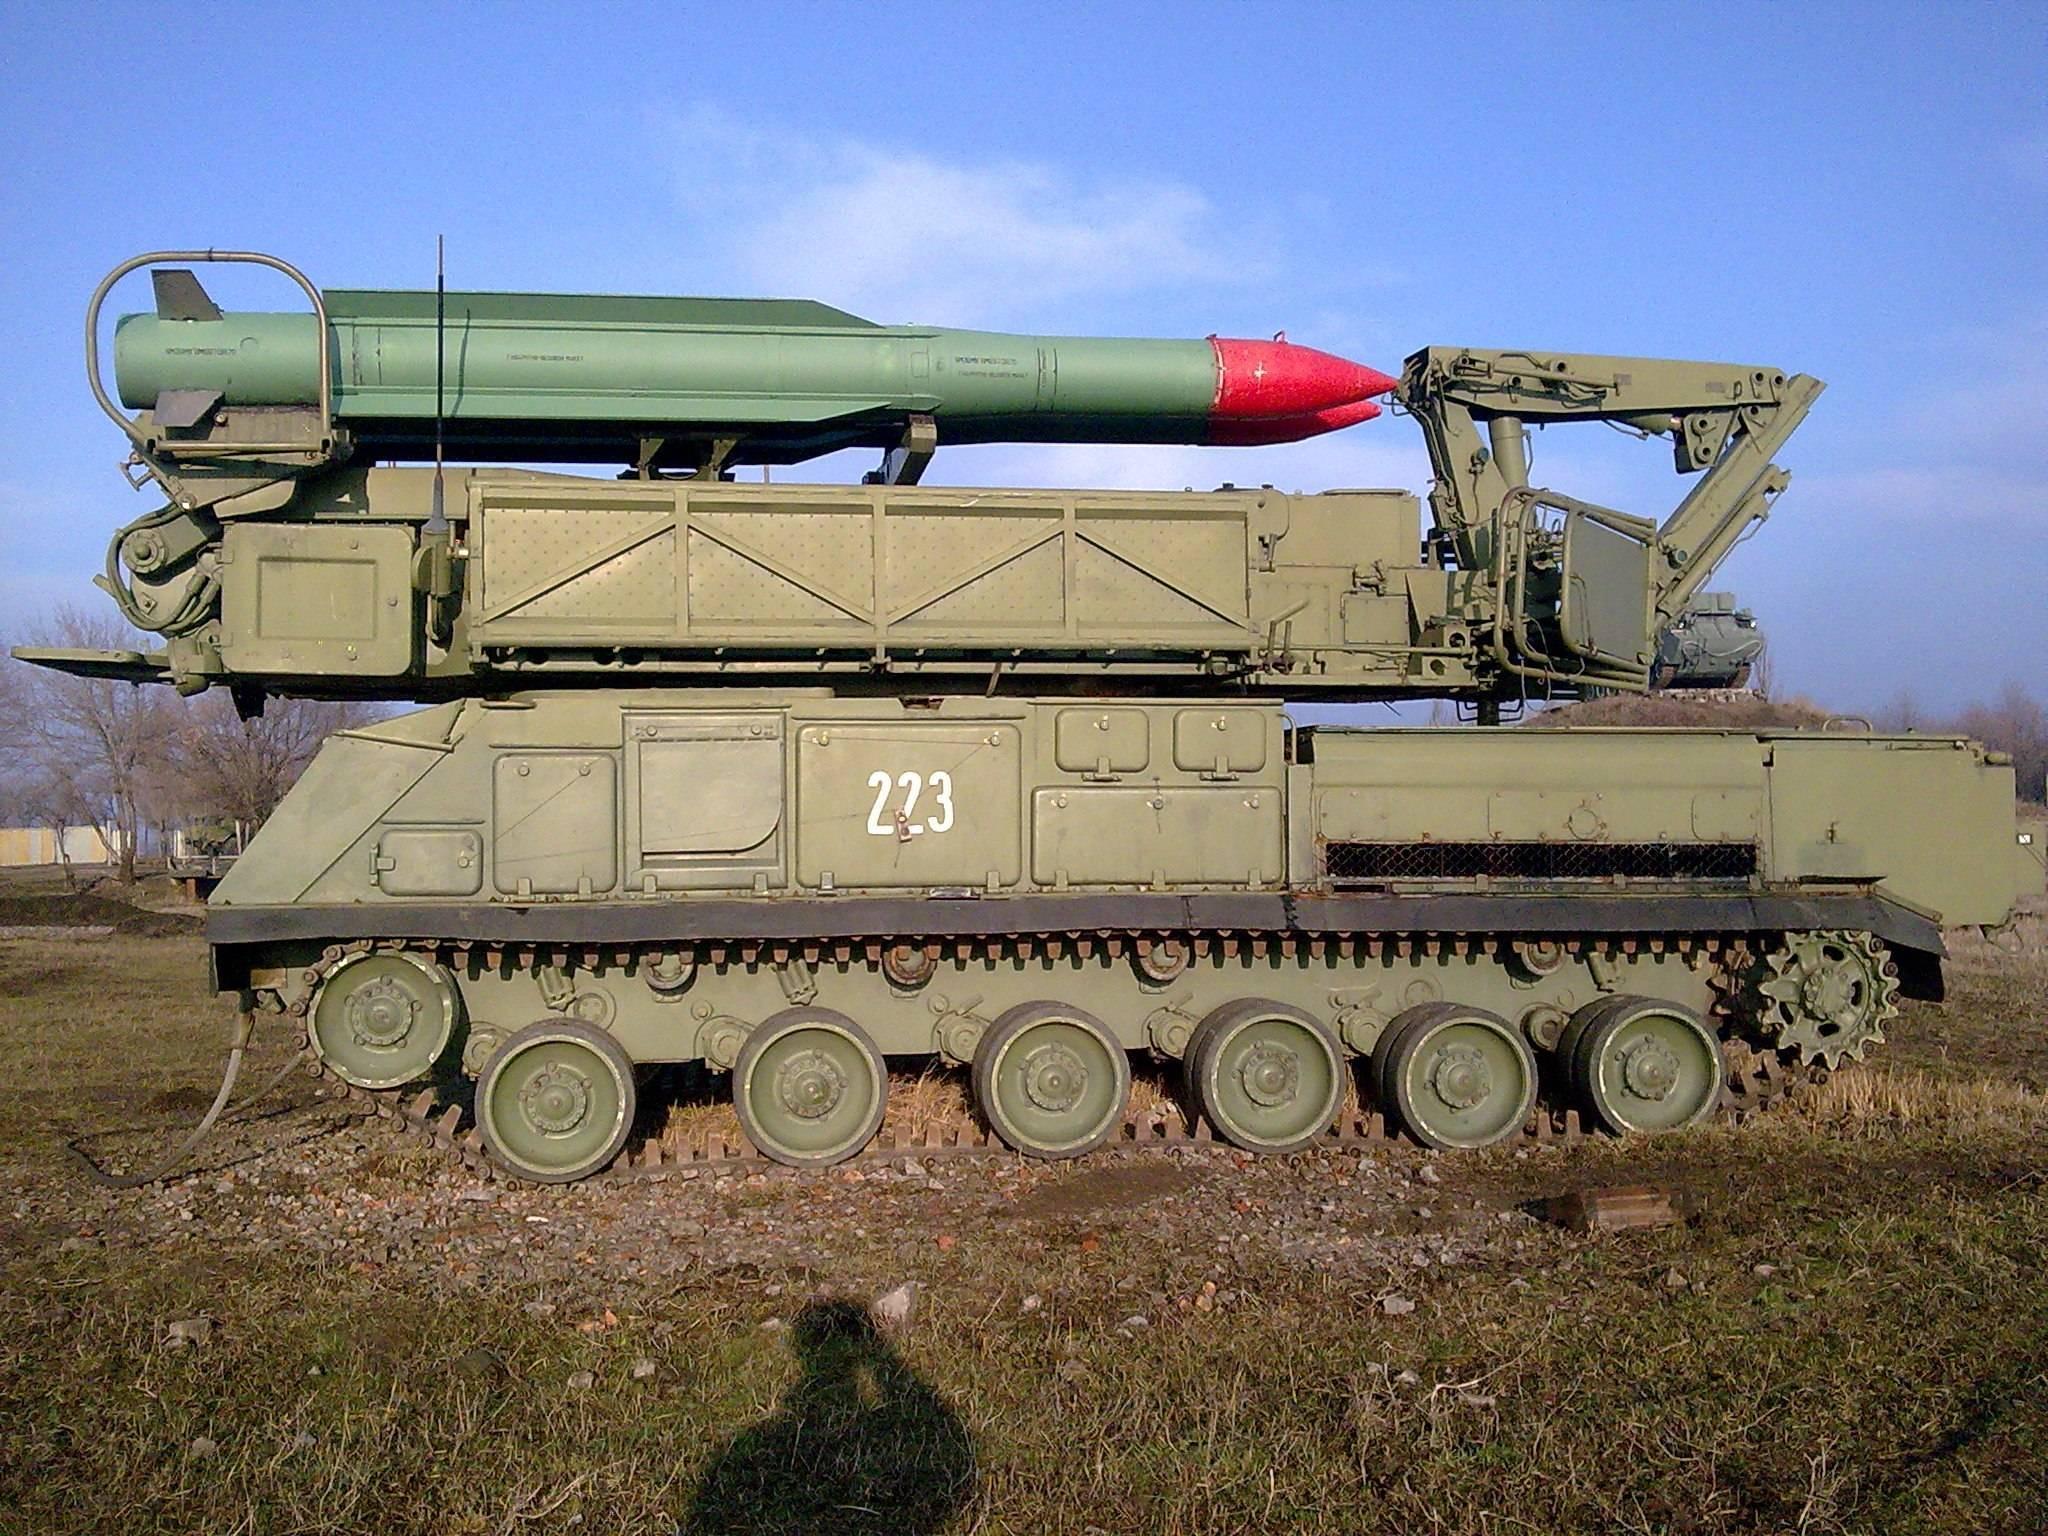 Зенитная управляемая ракета 9м317 - впк.name